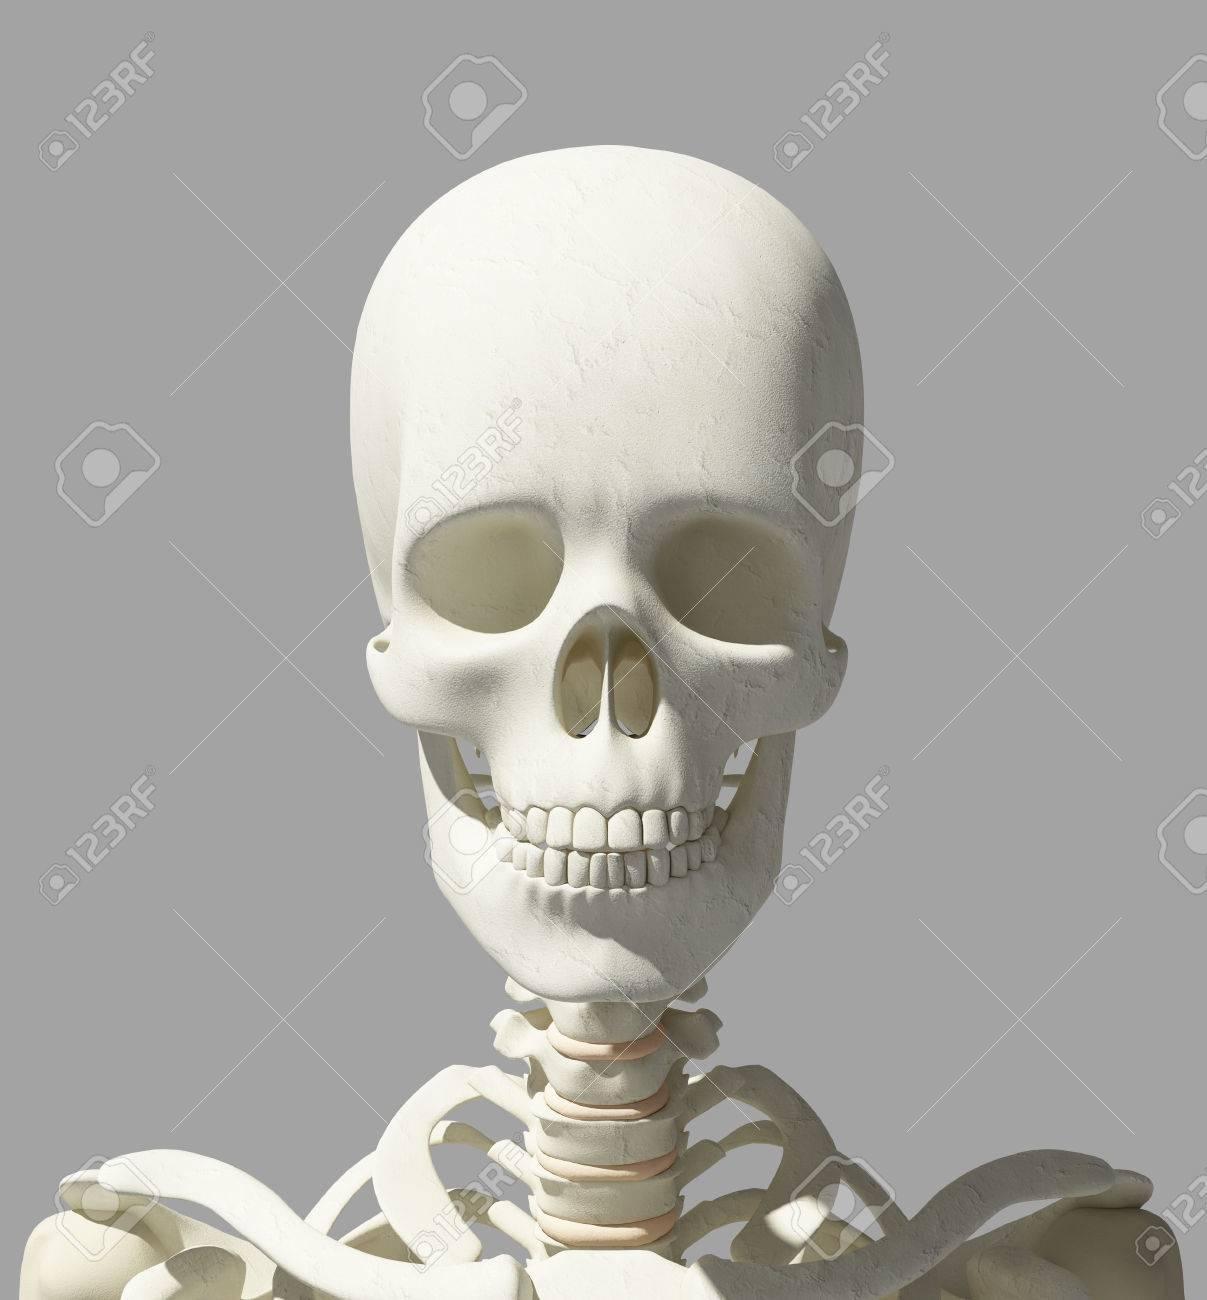 Ilustración 3D De La Anatomía Del Cráneo - Parte Del Esqueleto ...